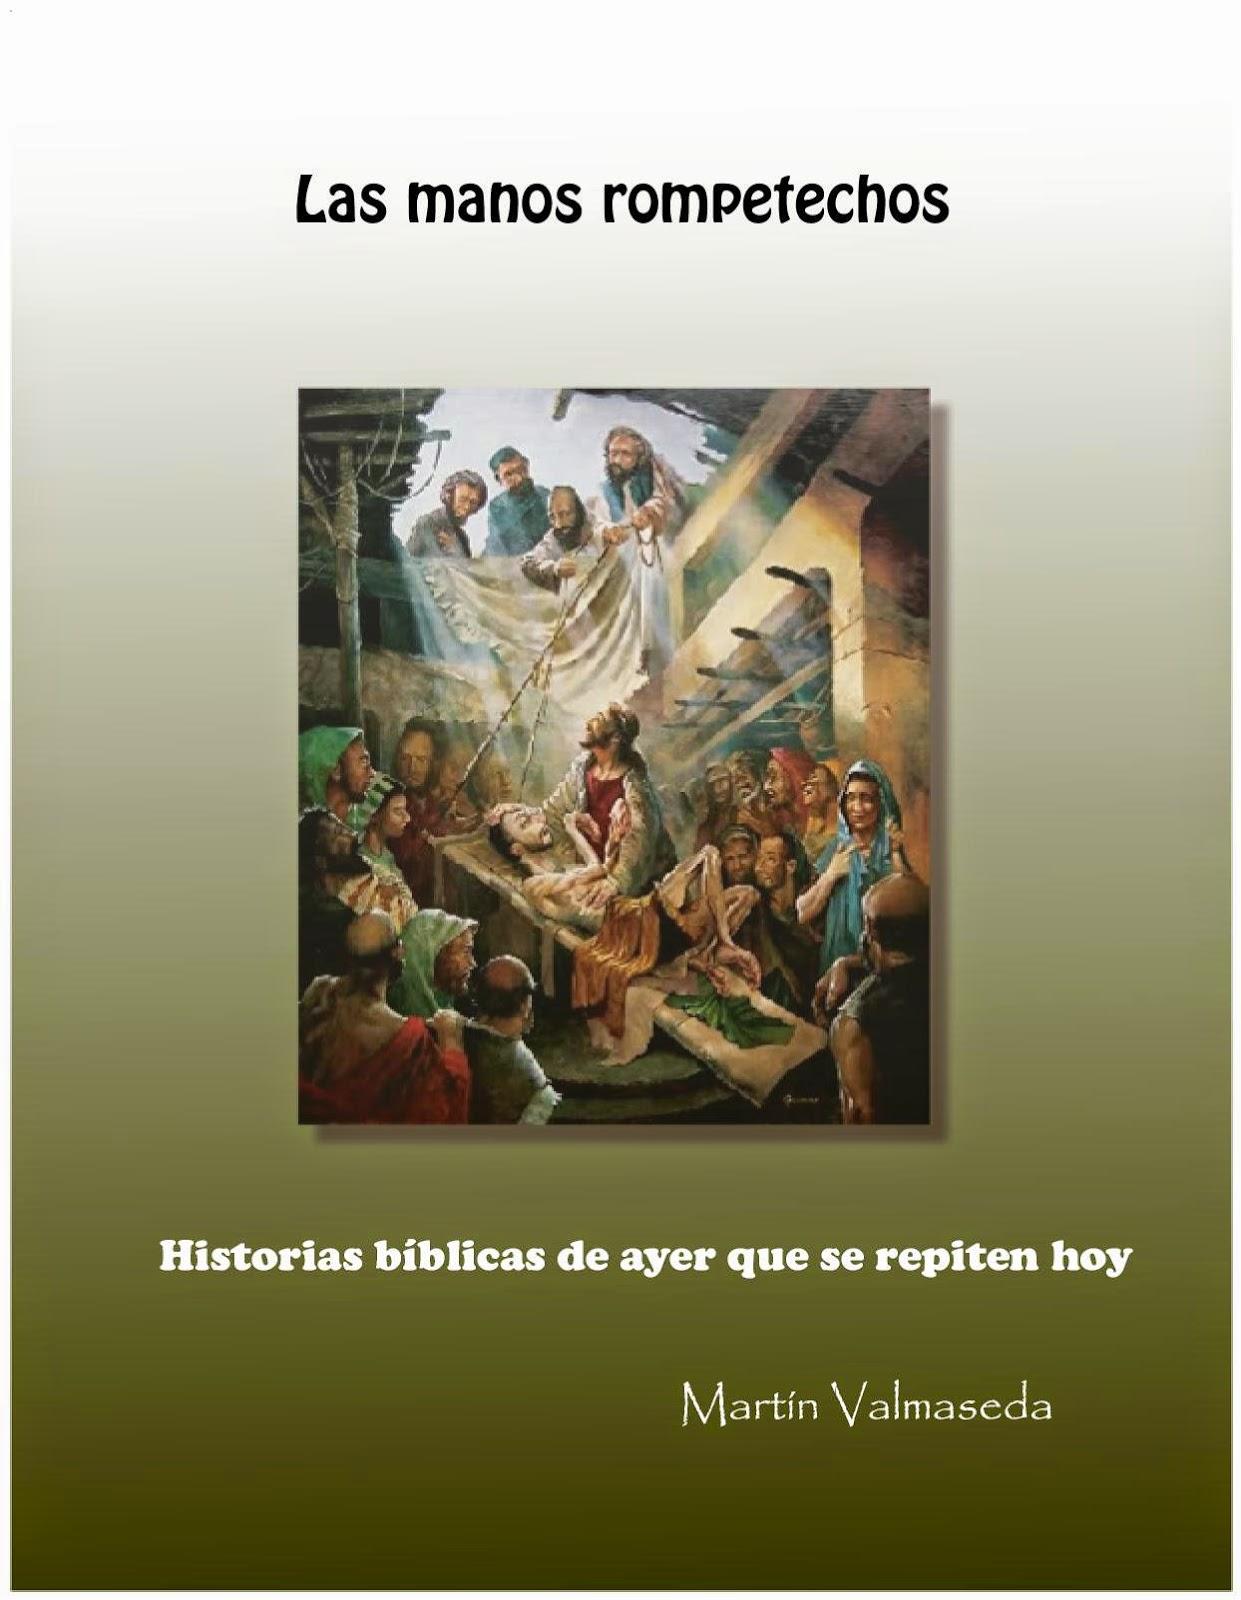 http://martinvalmasedasantillana.blogspot.com/2015/02/no-le-griten-dios-que-no-esta-sordo.html